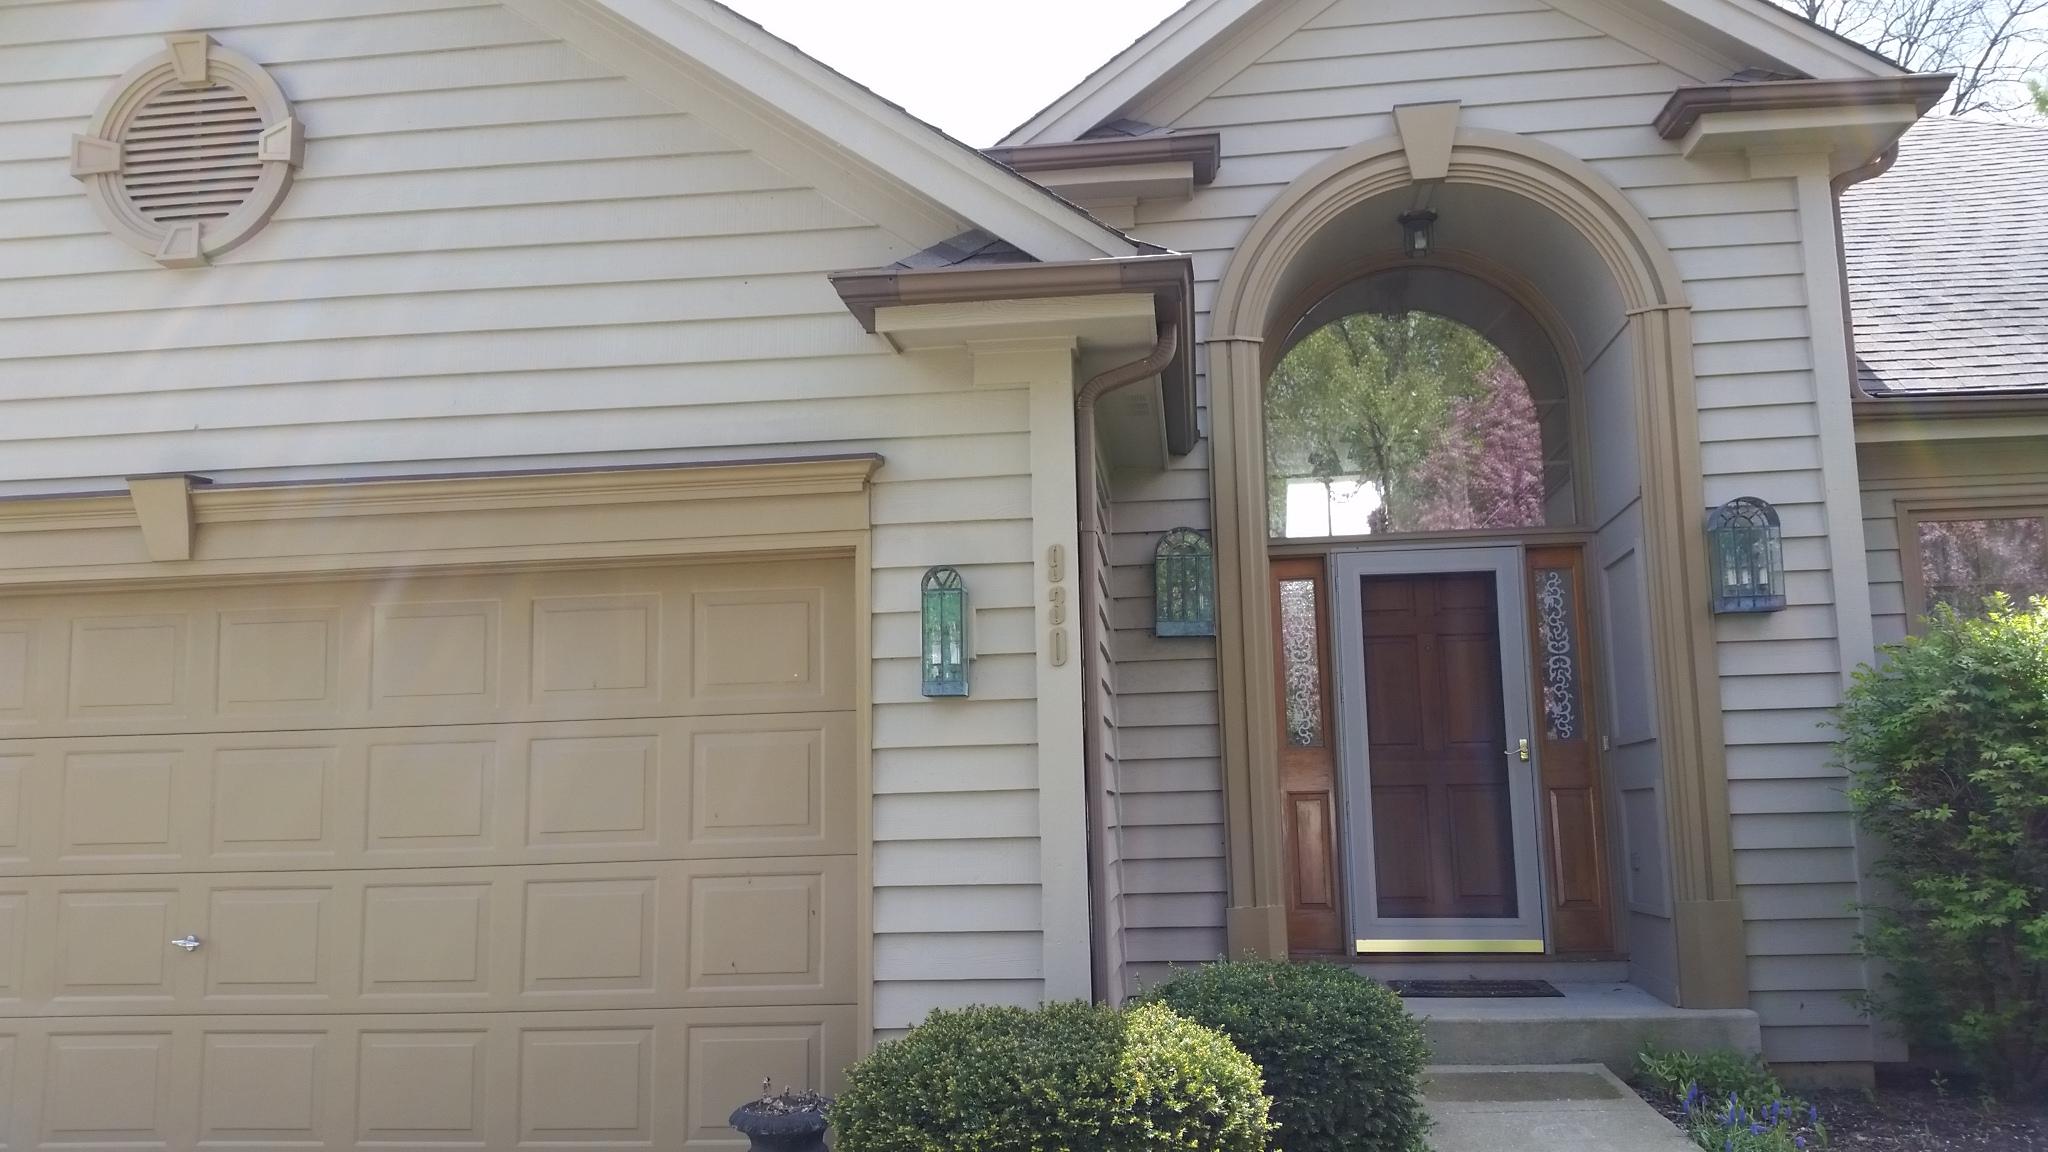 Exterior House Trim Color Ideas? Roof Windows Paint Color Mold